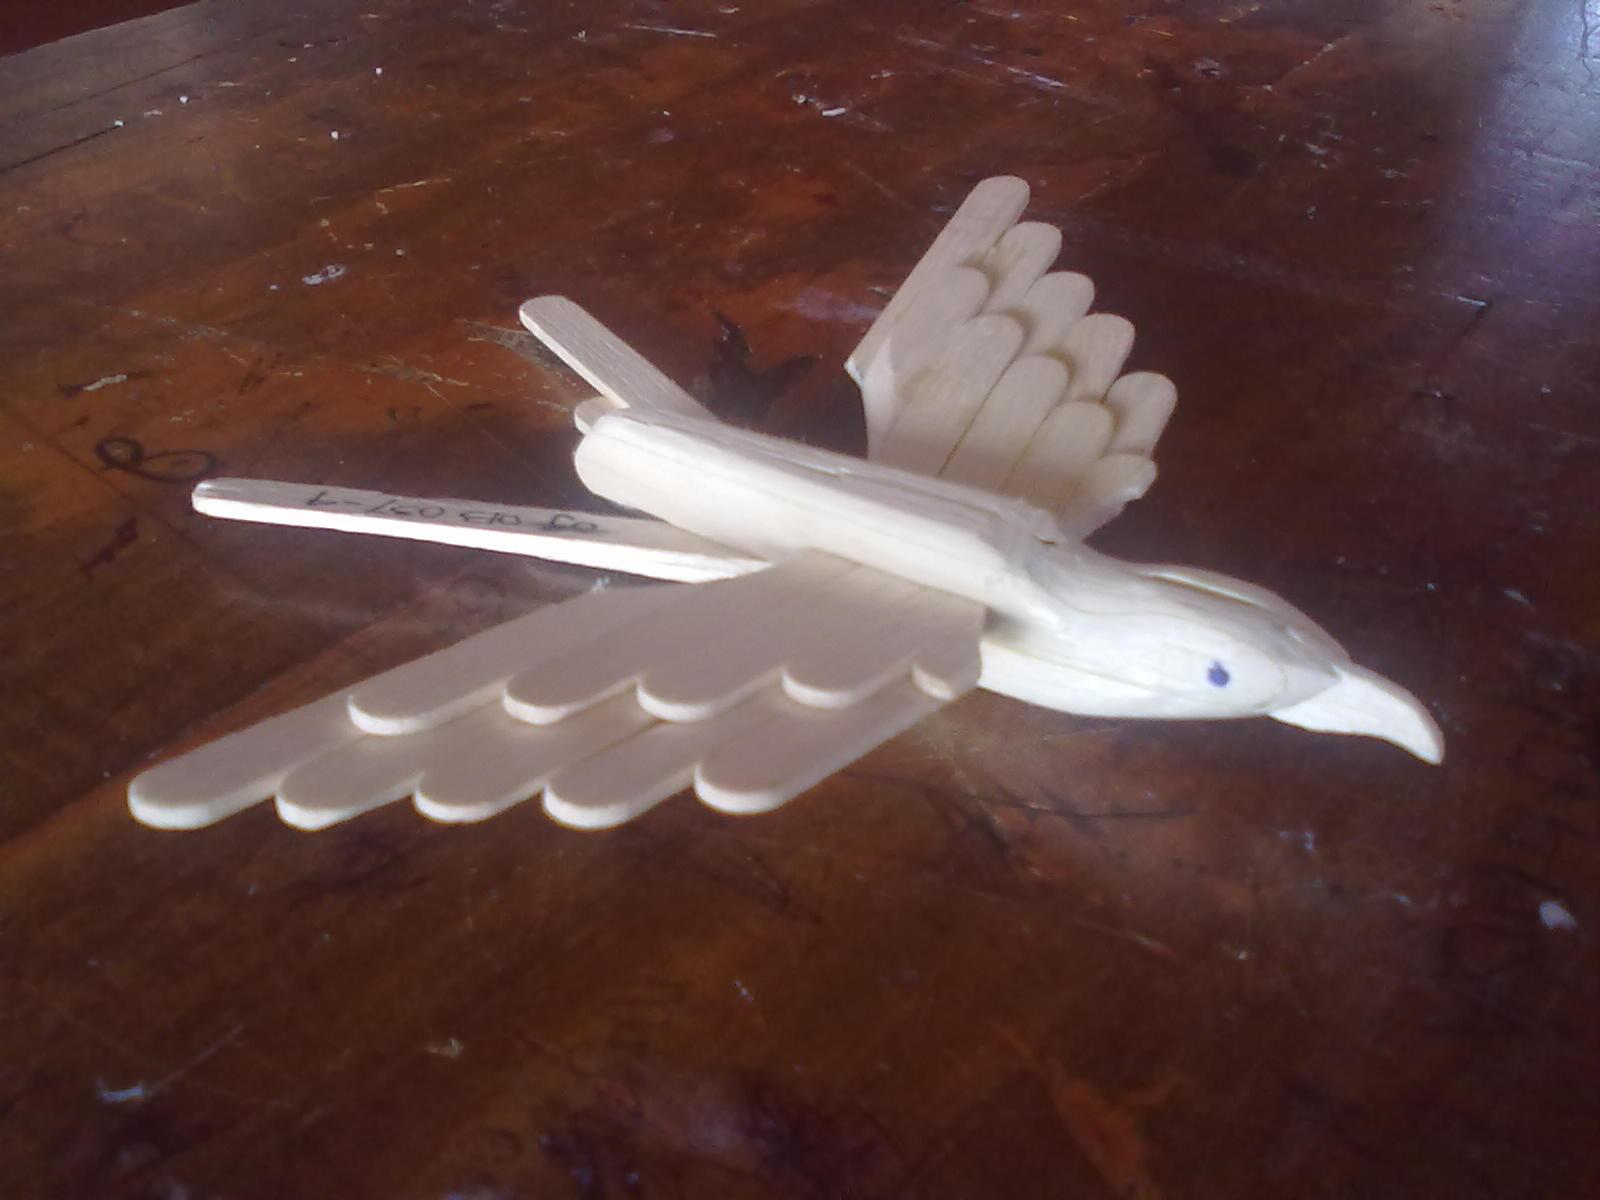 Bentuk Burung dengan Badan dan Kepala yang sudah dihaluskan